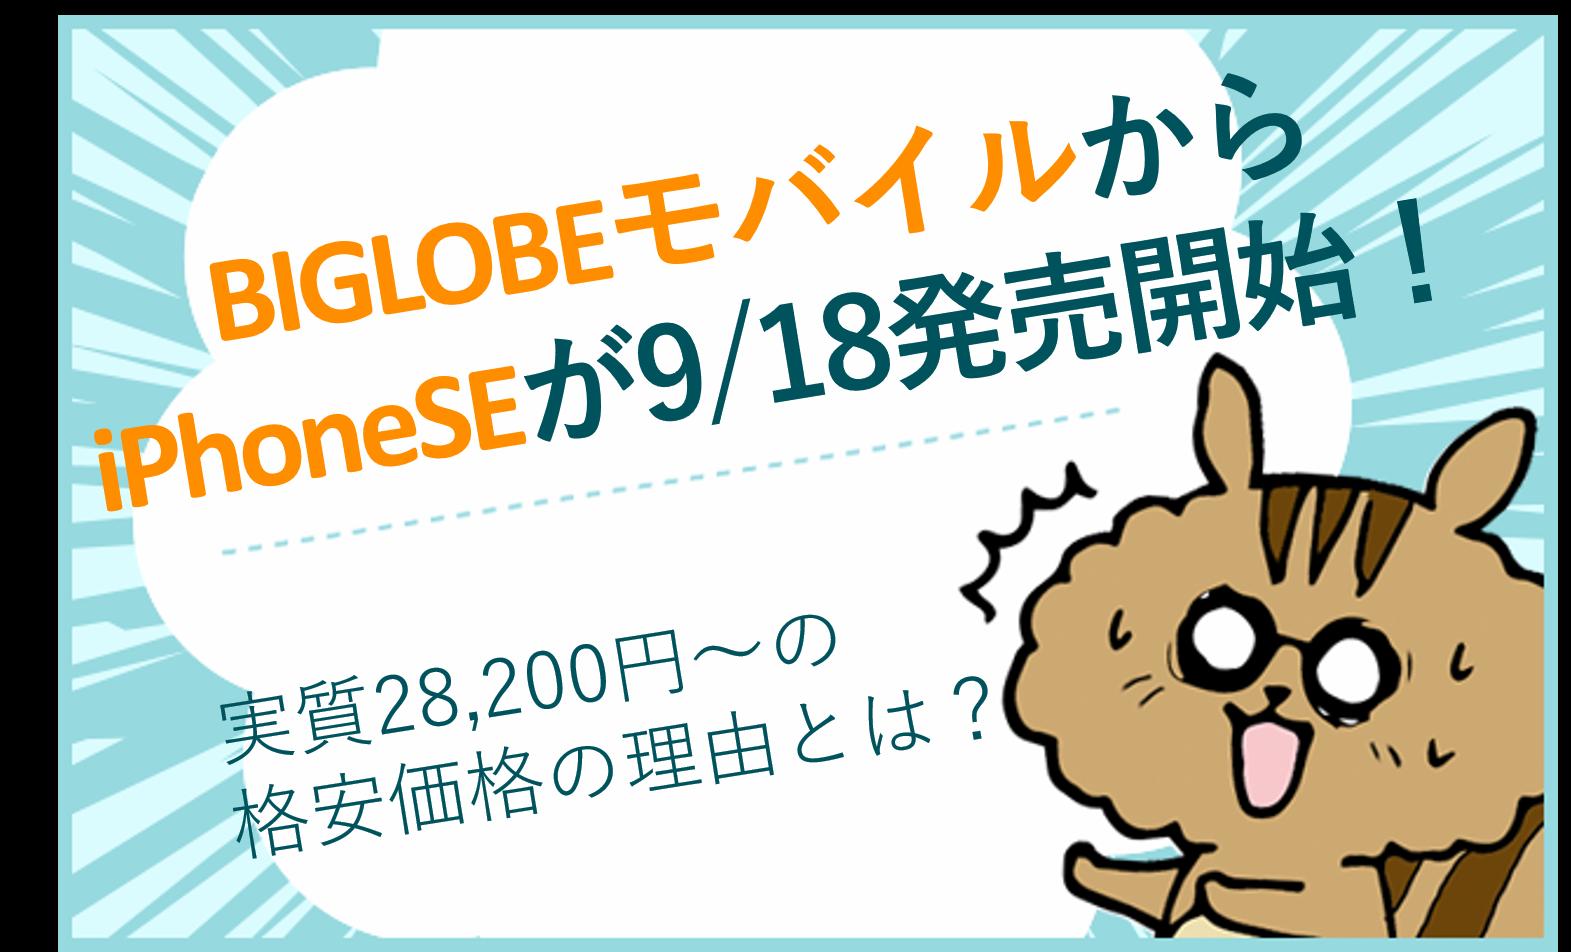 BIGLOBEモバイルからiPhoneSEが9/18発売開始